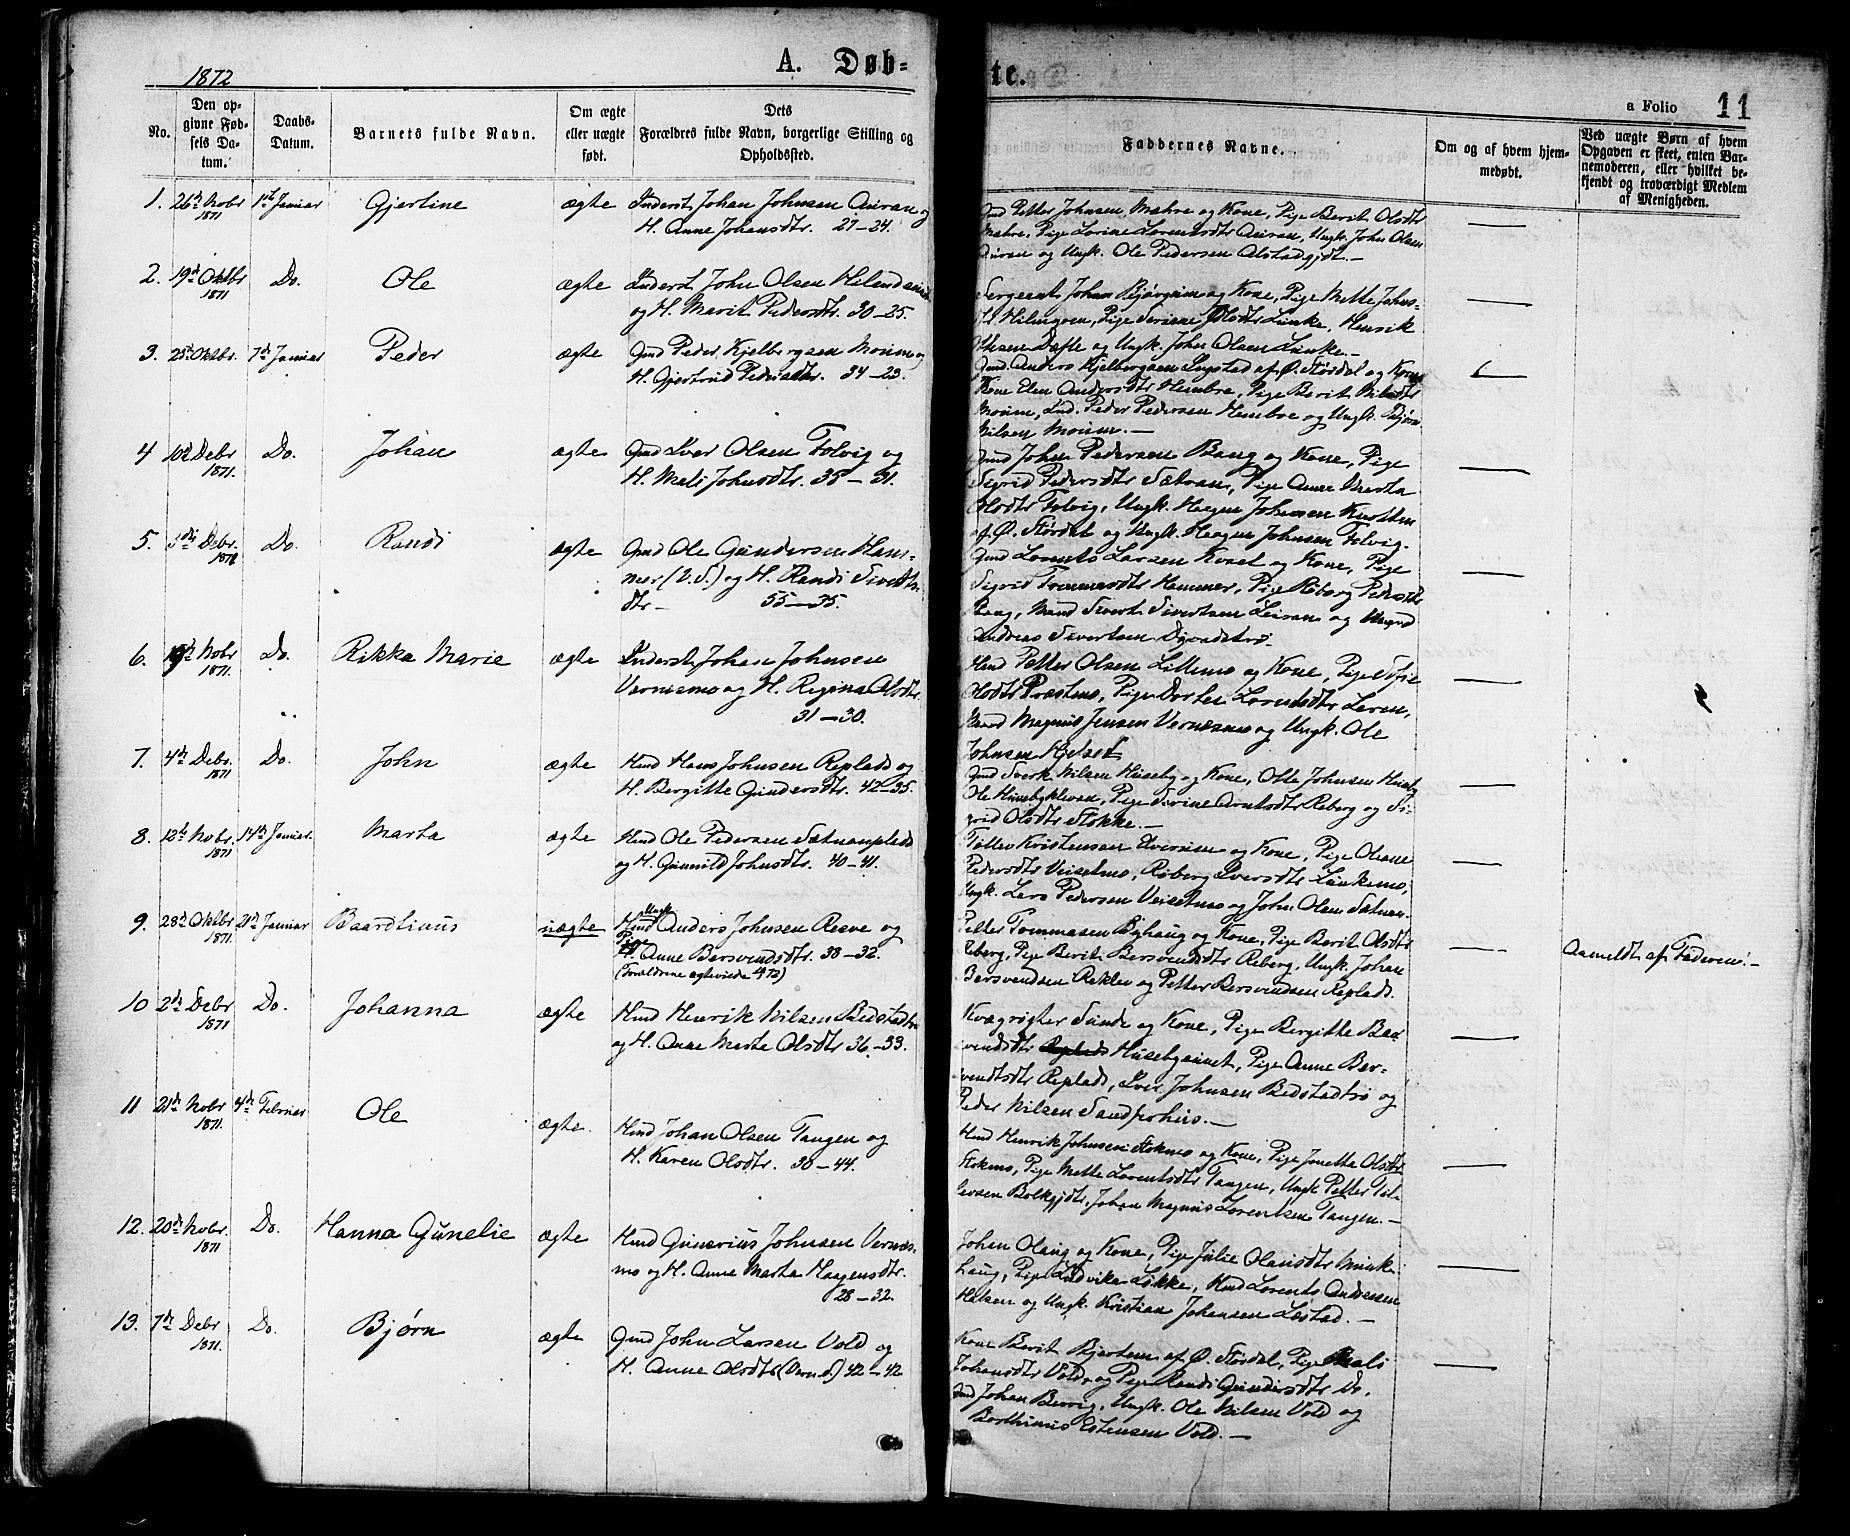 SAT, Ministerialprotokoller, klokkerbøker og fødselsregistre - Nord-Trøndelag, 709/L0076: Ministerialbok nr. 709A16, 1871-1879, s. 11